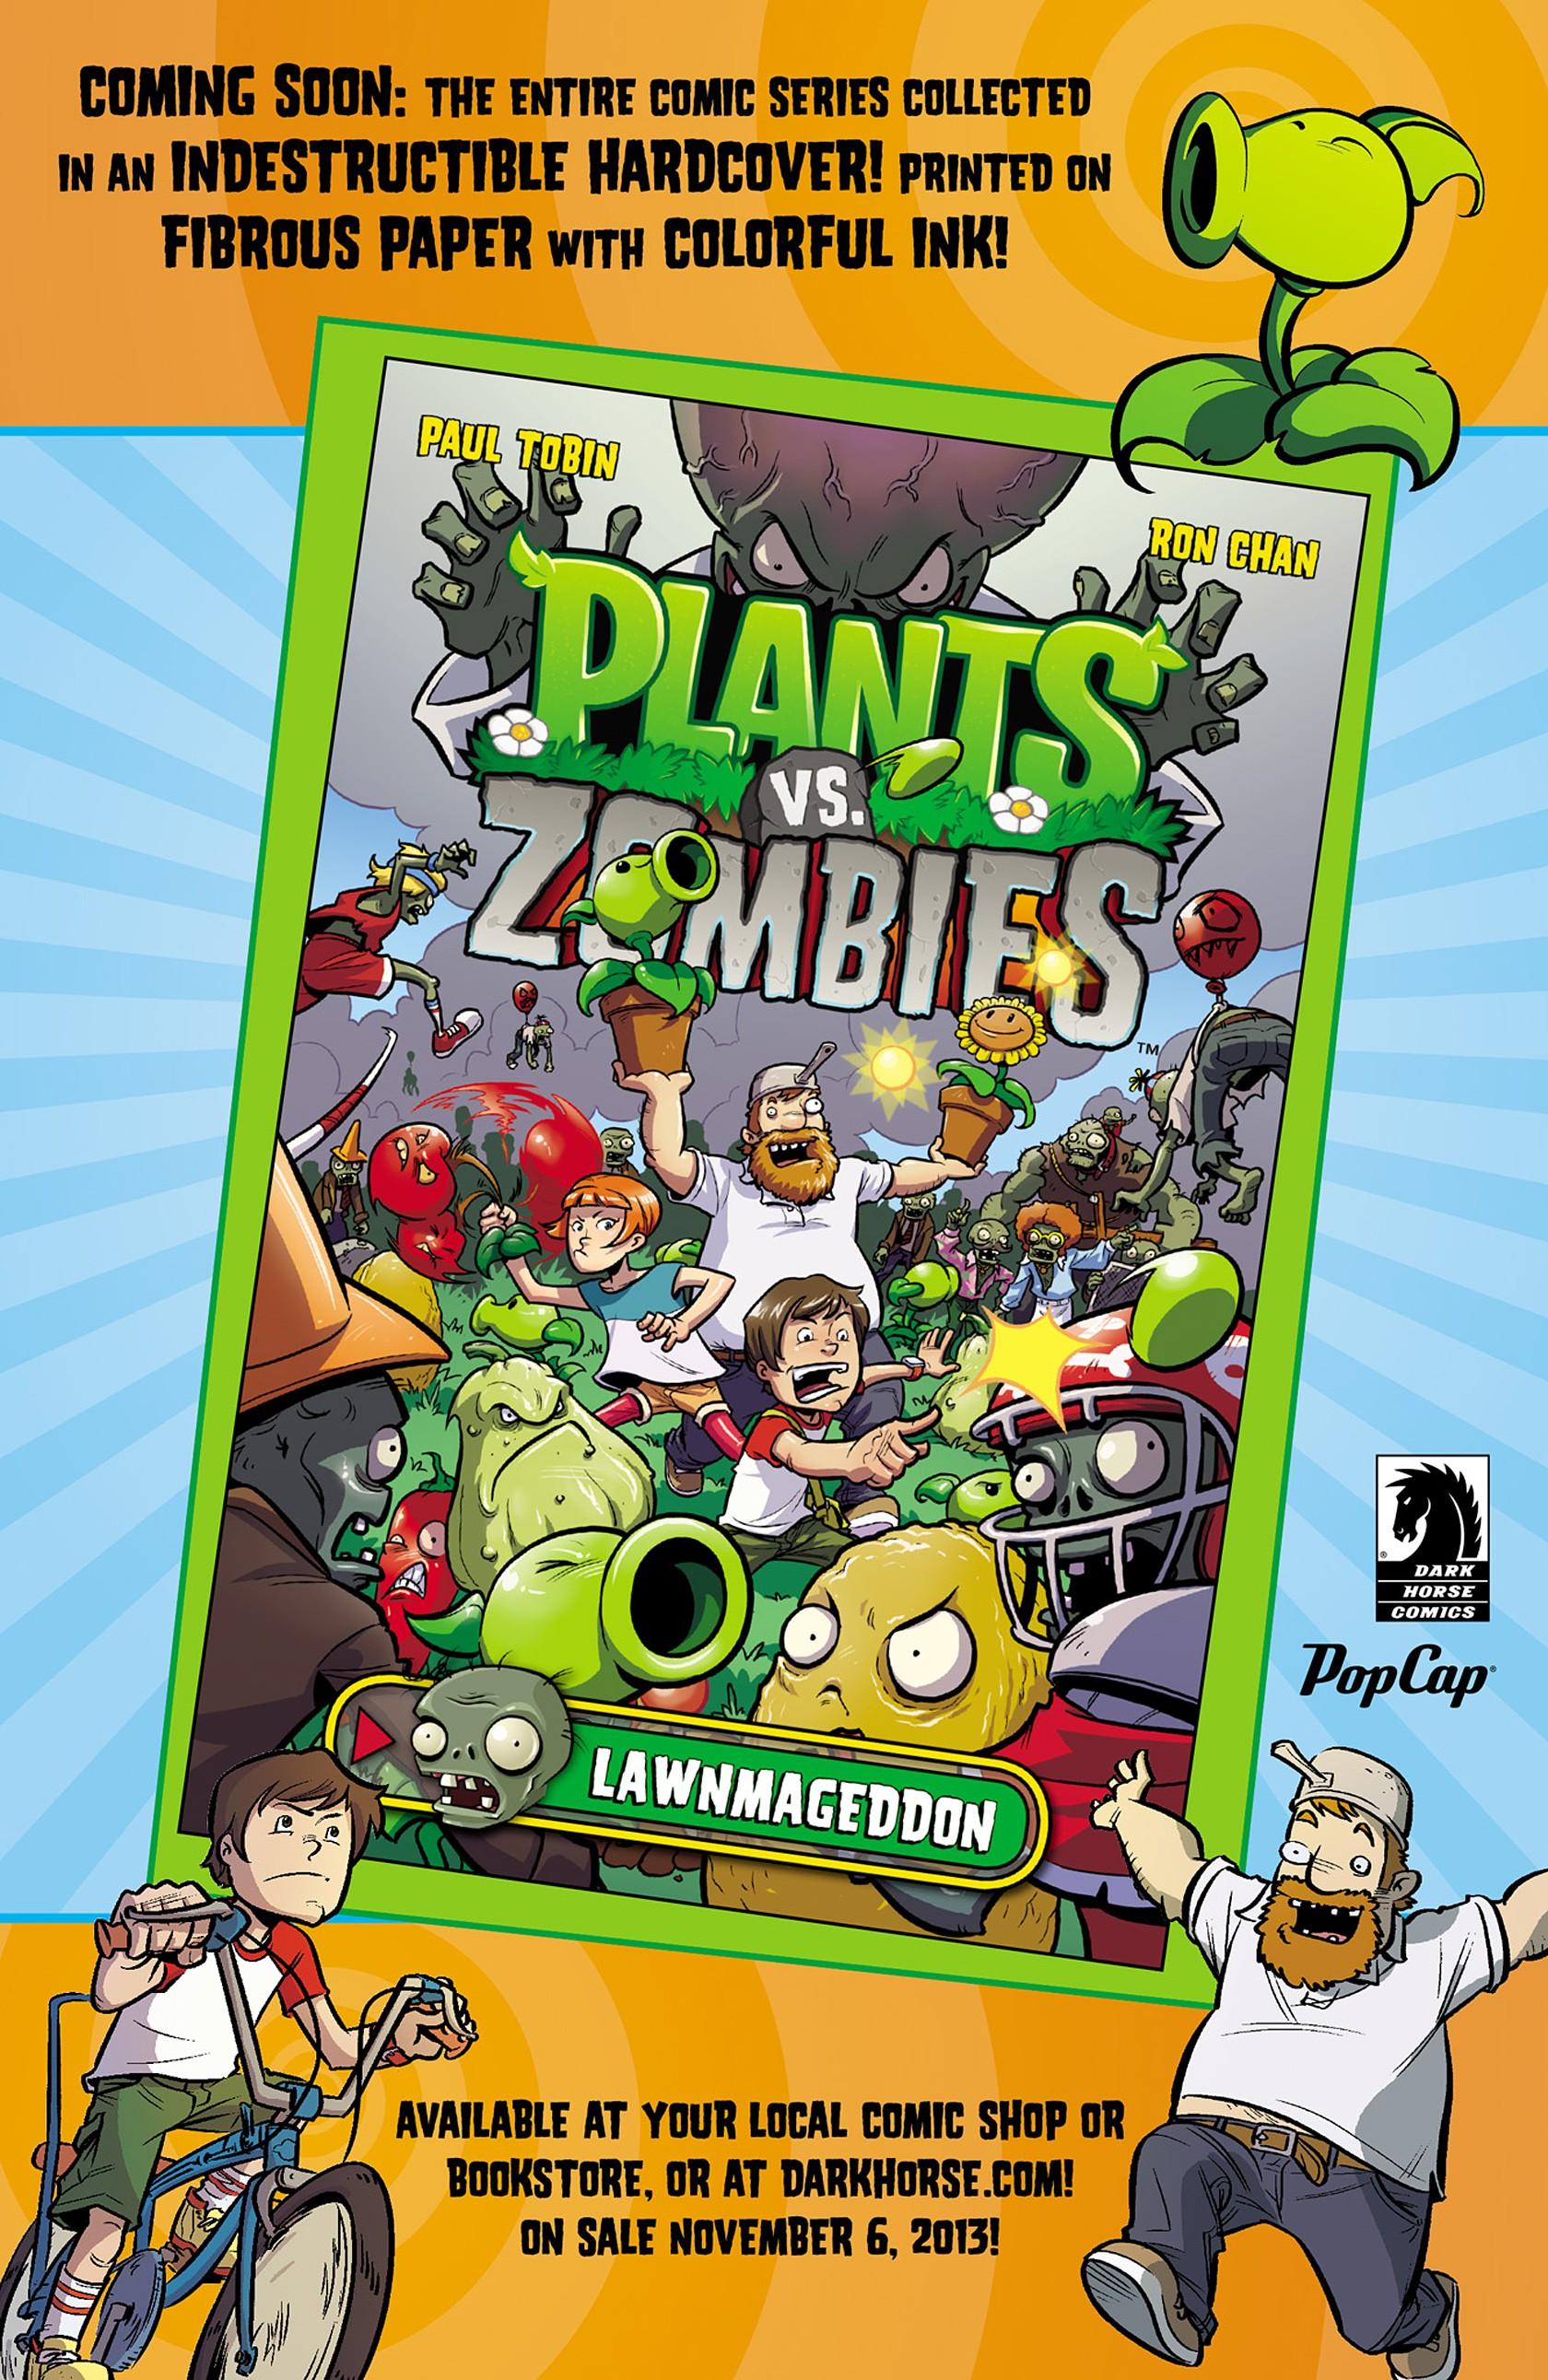 formatfactoryplants_vs_zombies_006-015.jpg